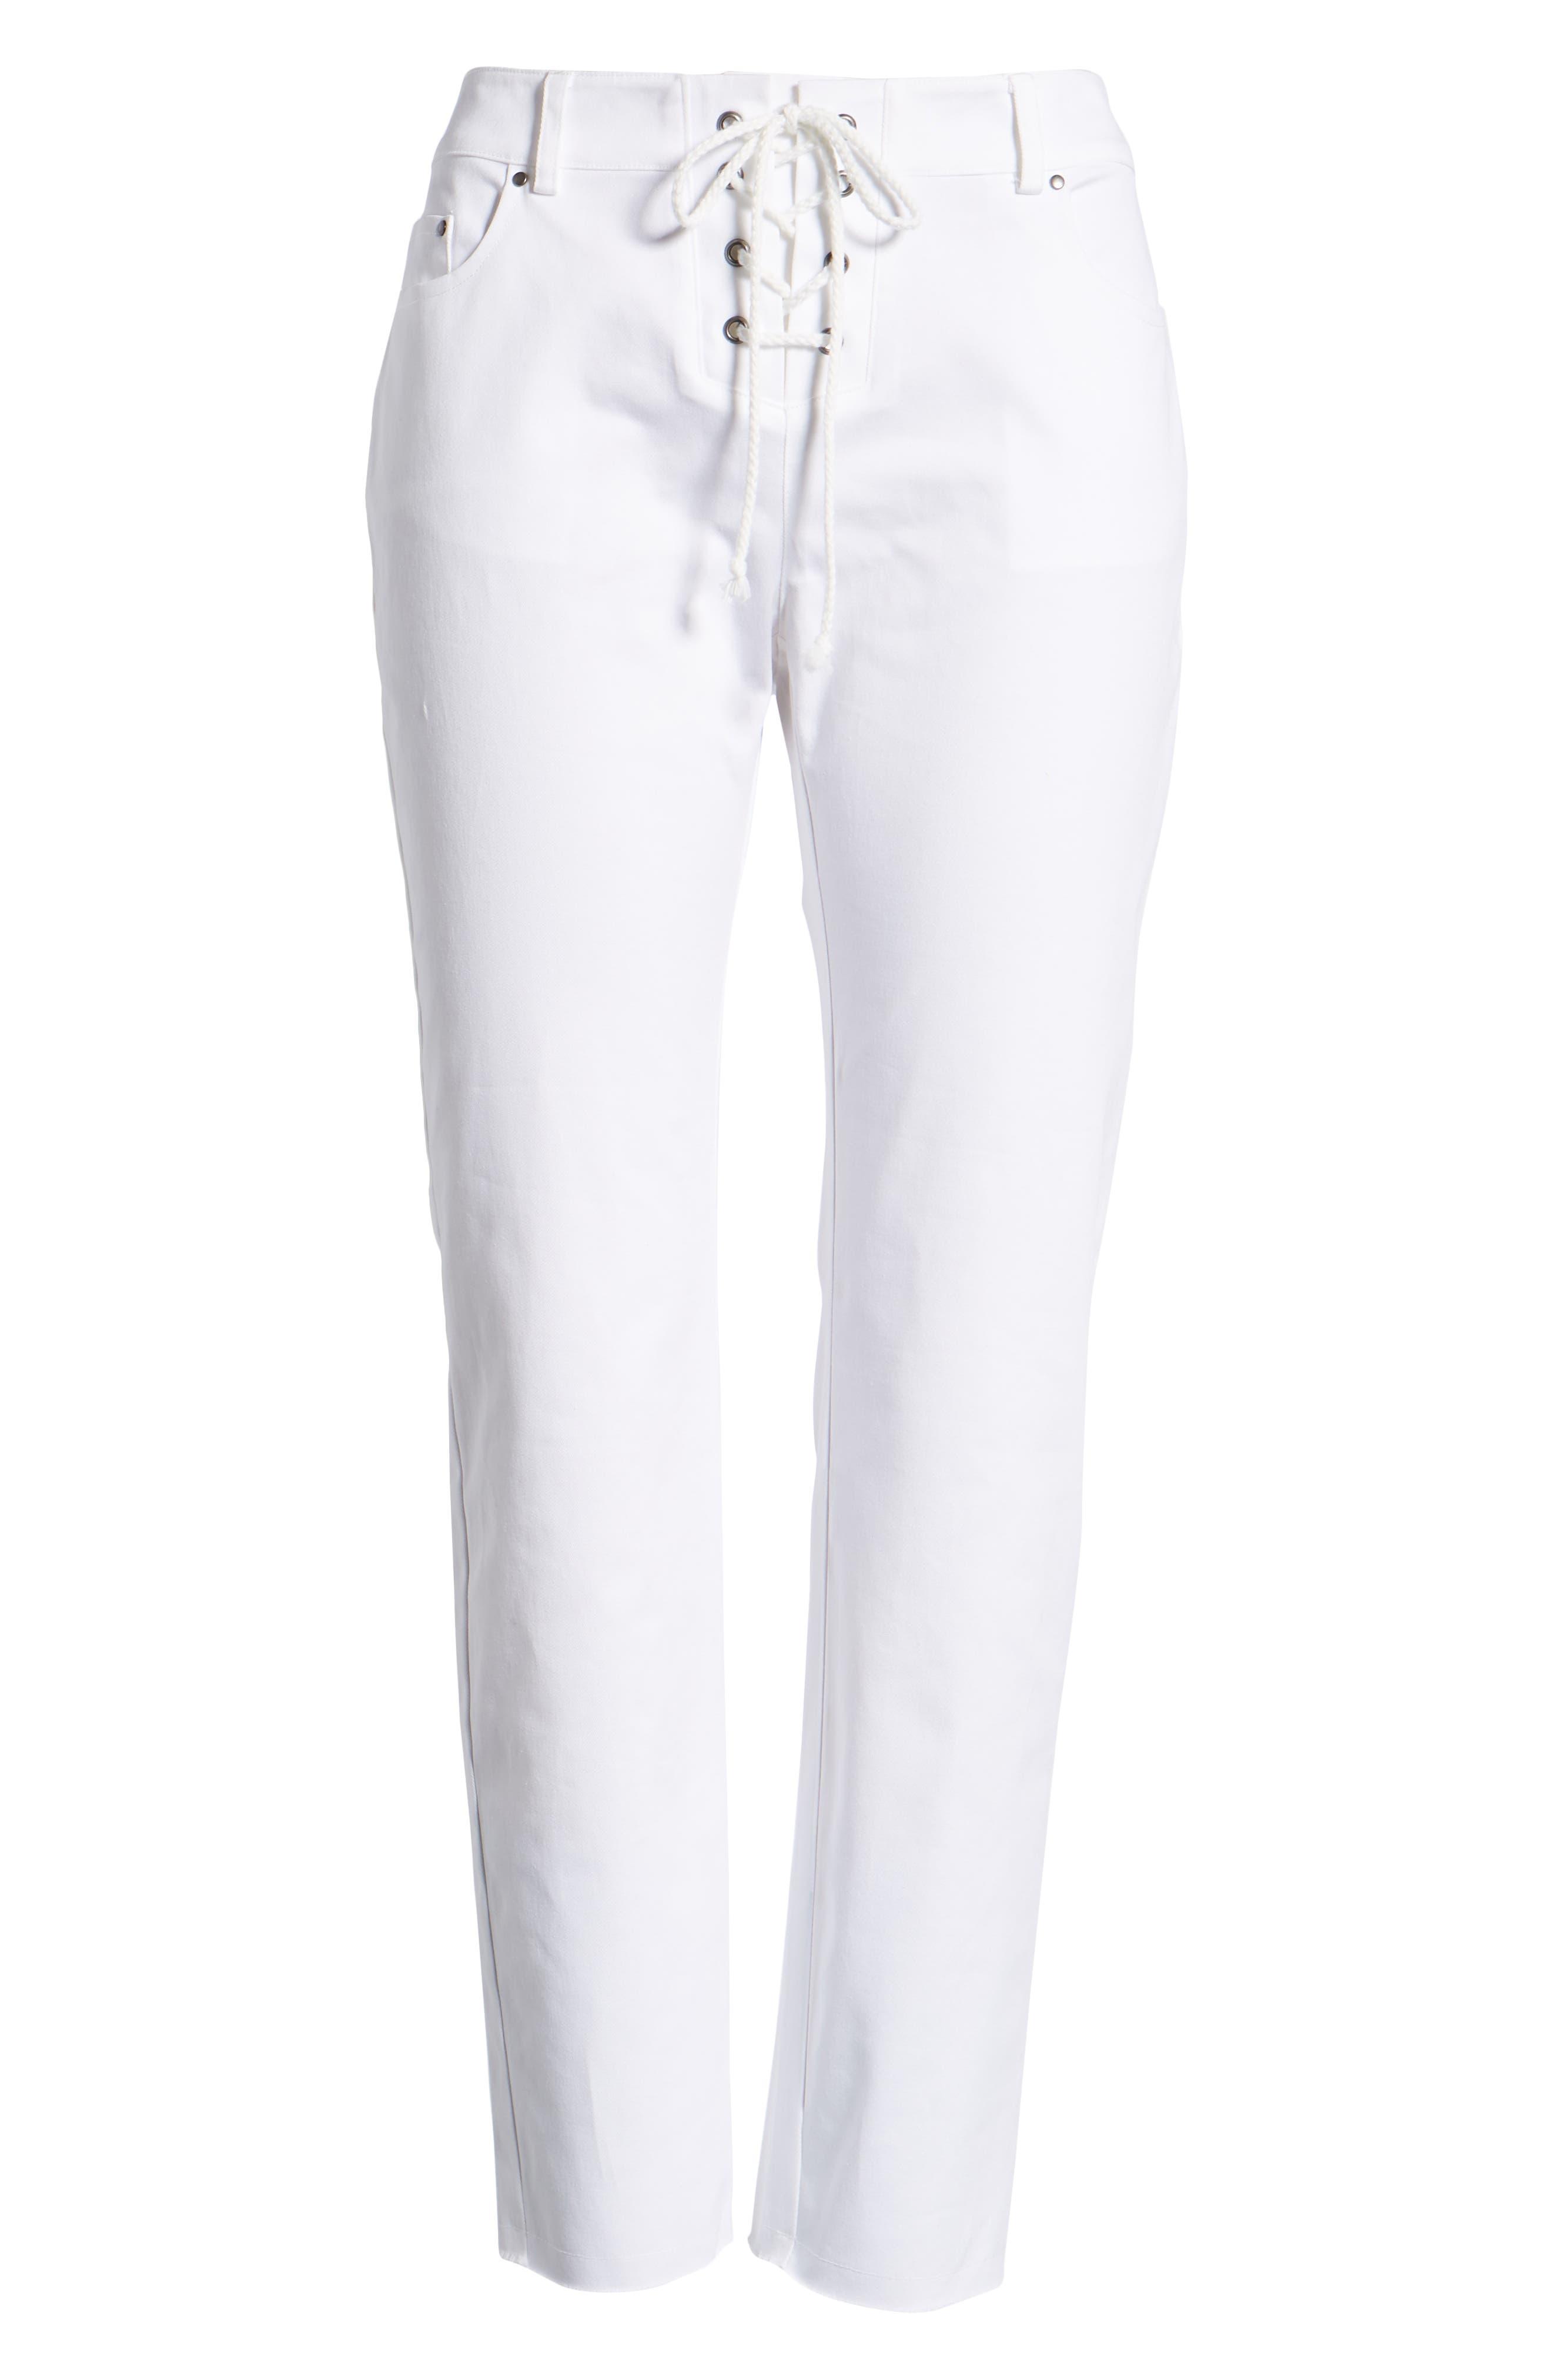 Jalanda Pants,                             Alternate thumbnail 7, color,                             White